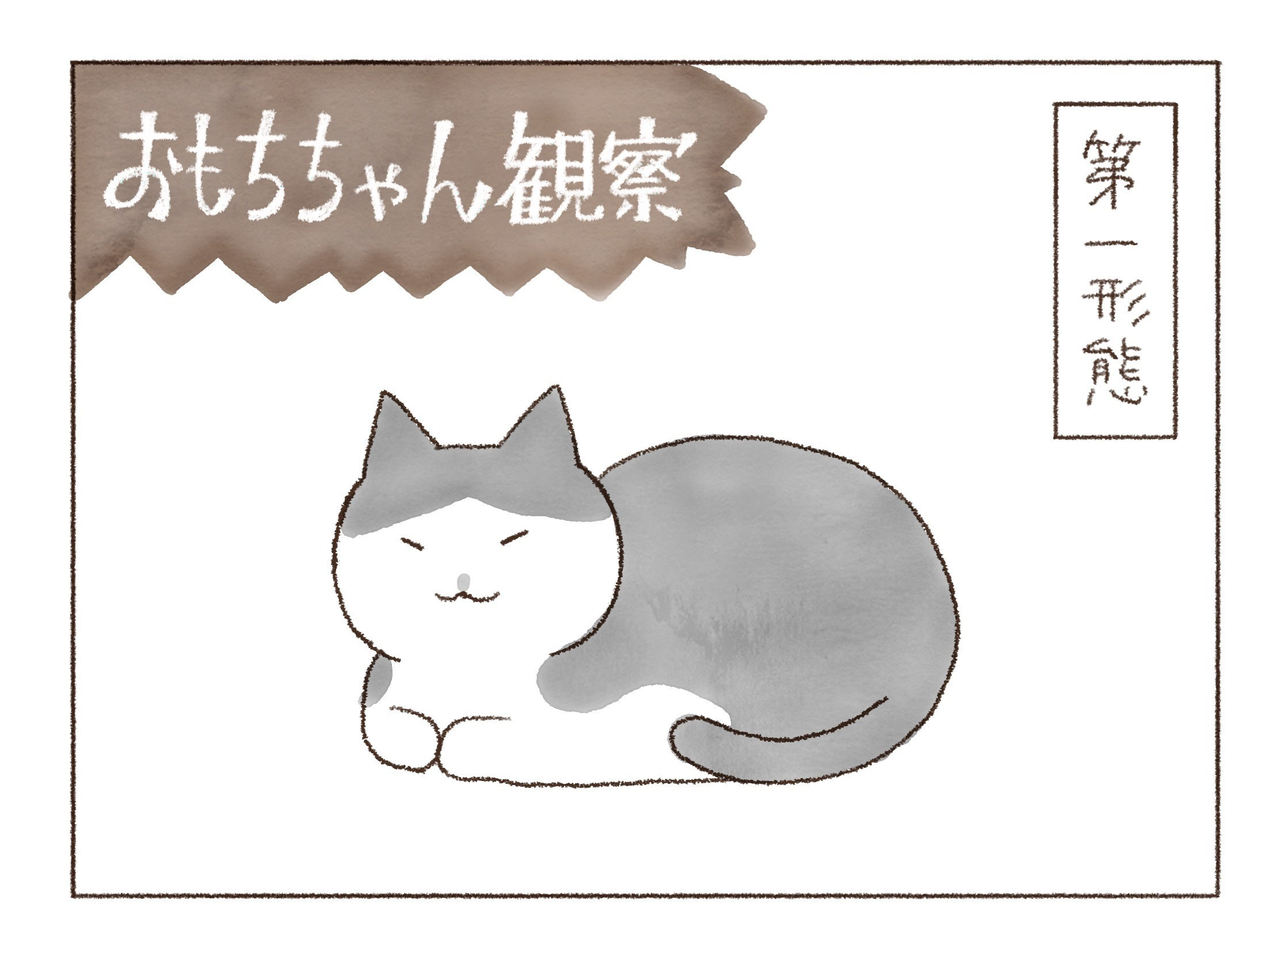 第一形態→ごまおはぎちゃん